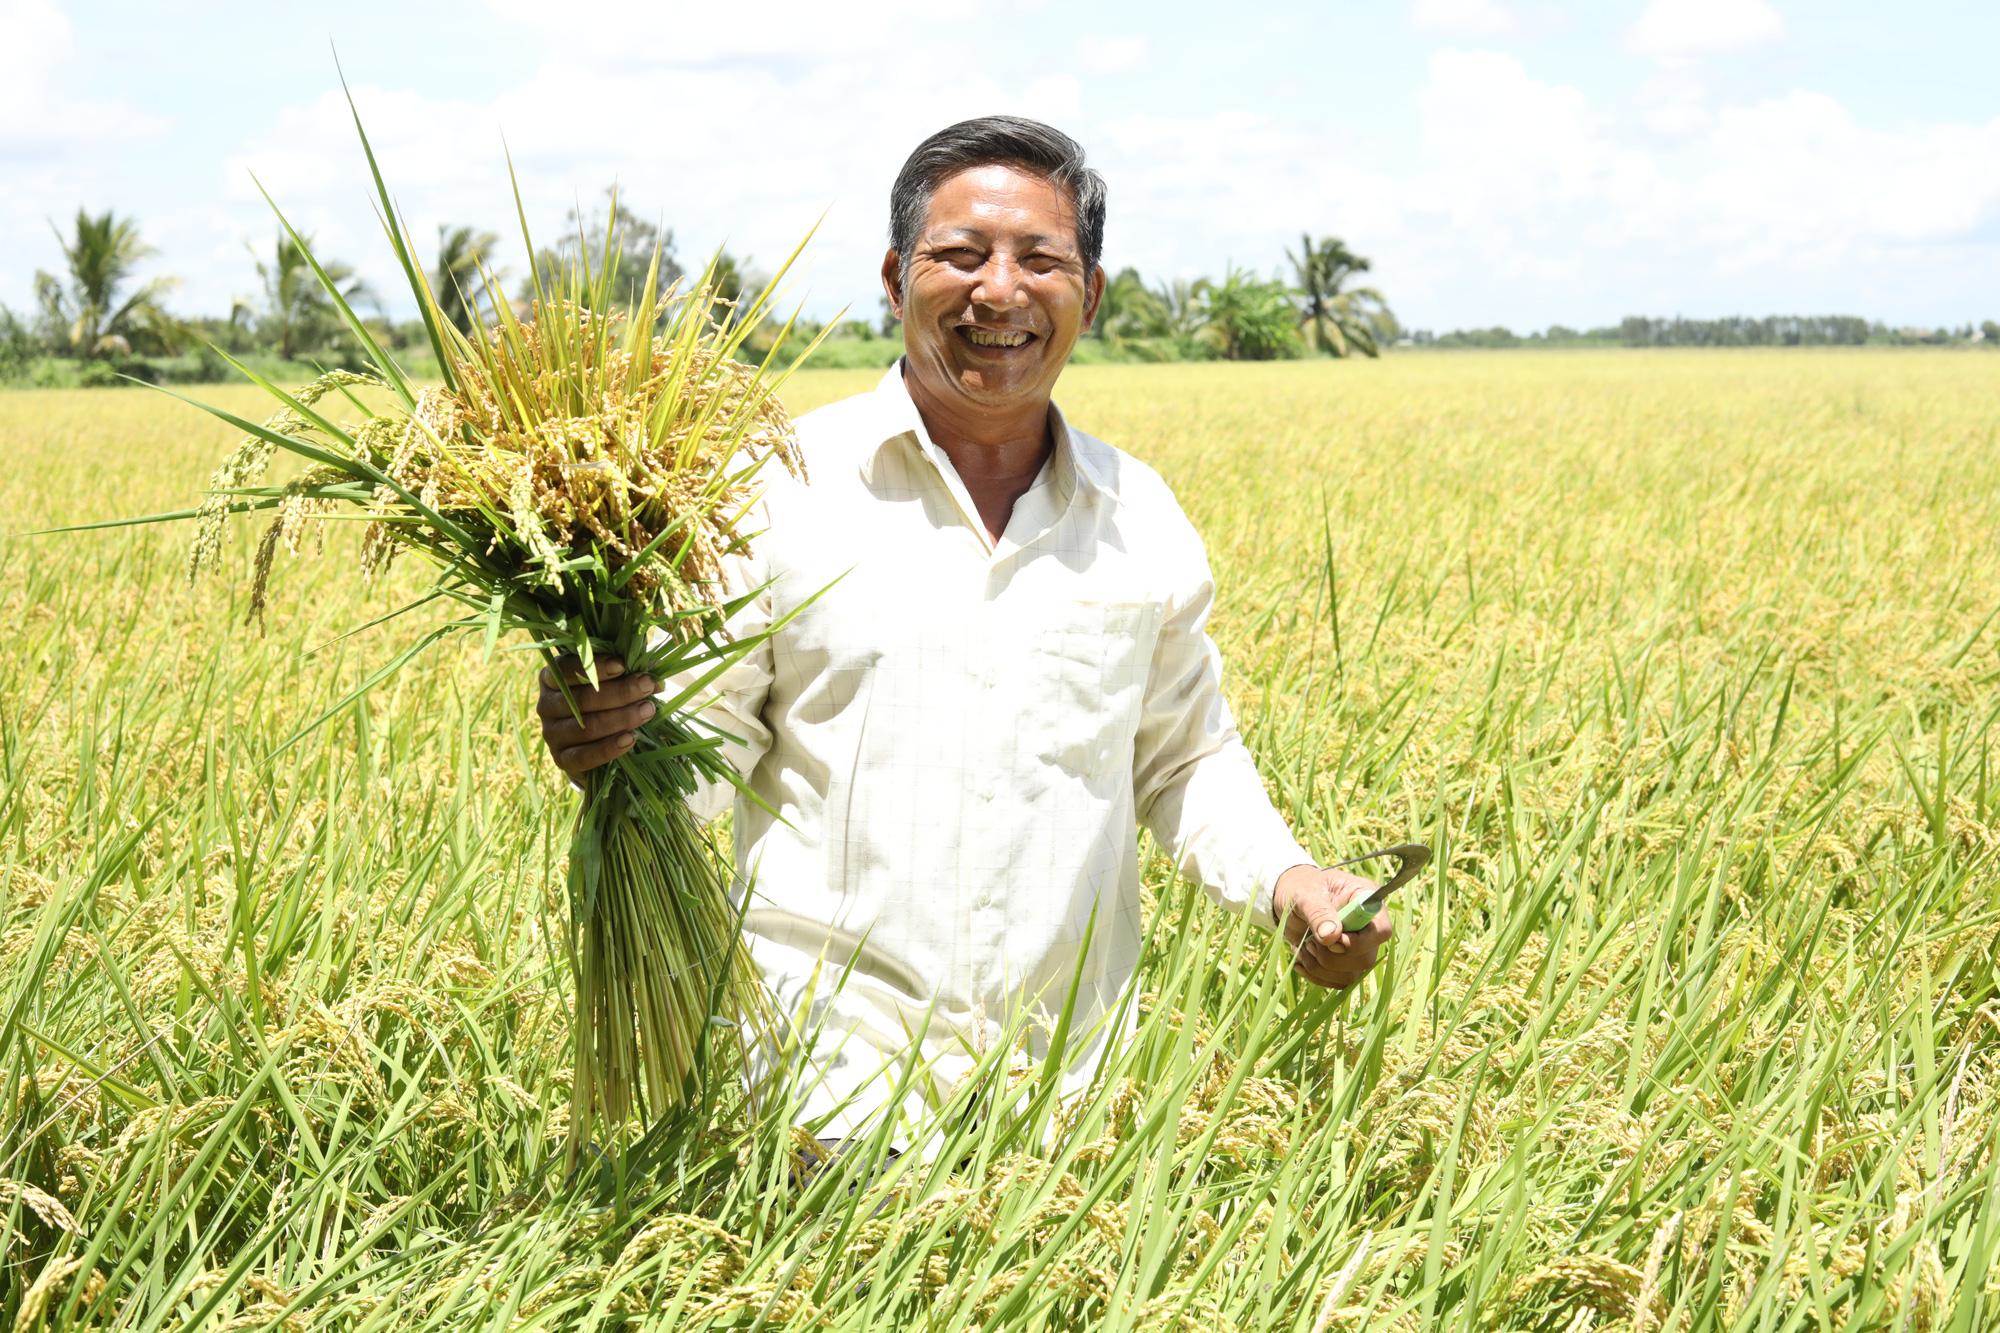 Hiệu quả bất ngờ của N46.Plus từ chia sẻ của người nông dân - Ảnh 3.